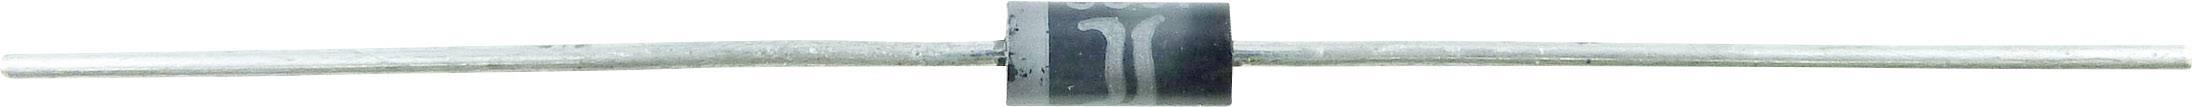 TVS dioda TRU COMPONENTS TC-P6KE18CA, DO-15 , 17.1 V, 600 W